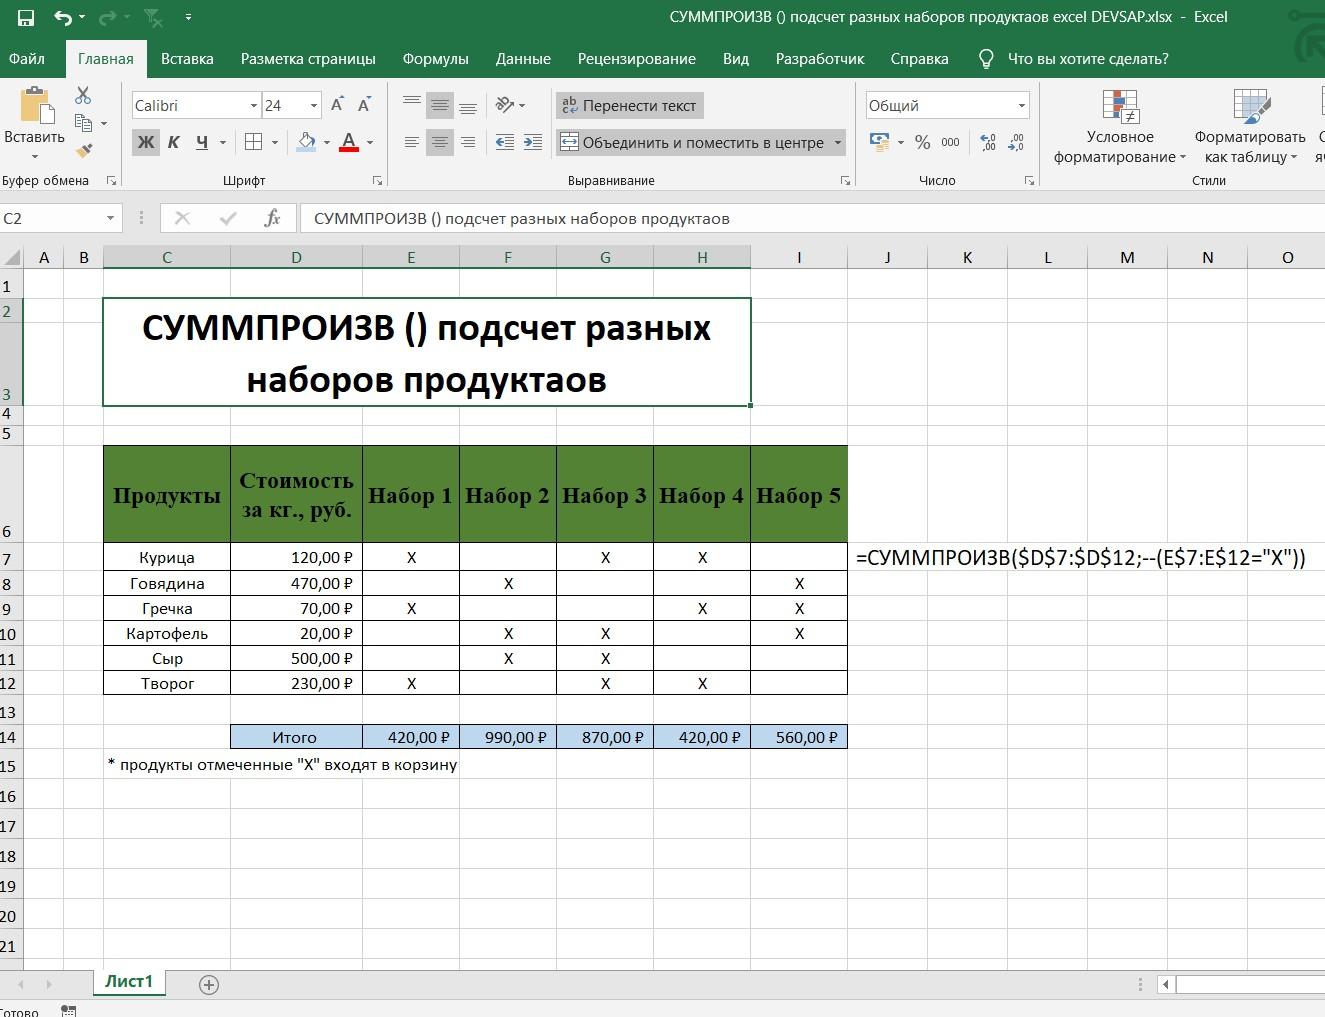 СУММПРОИЗВ () подсчет разных наборов продуктаов